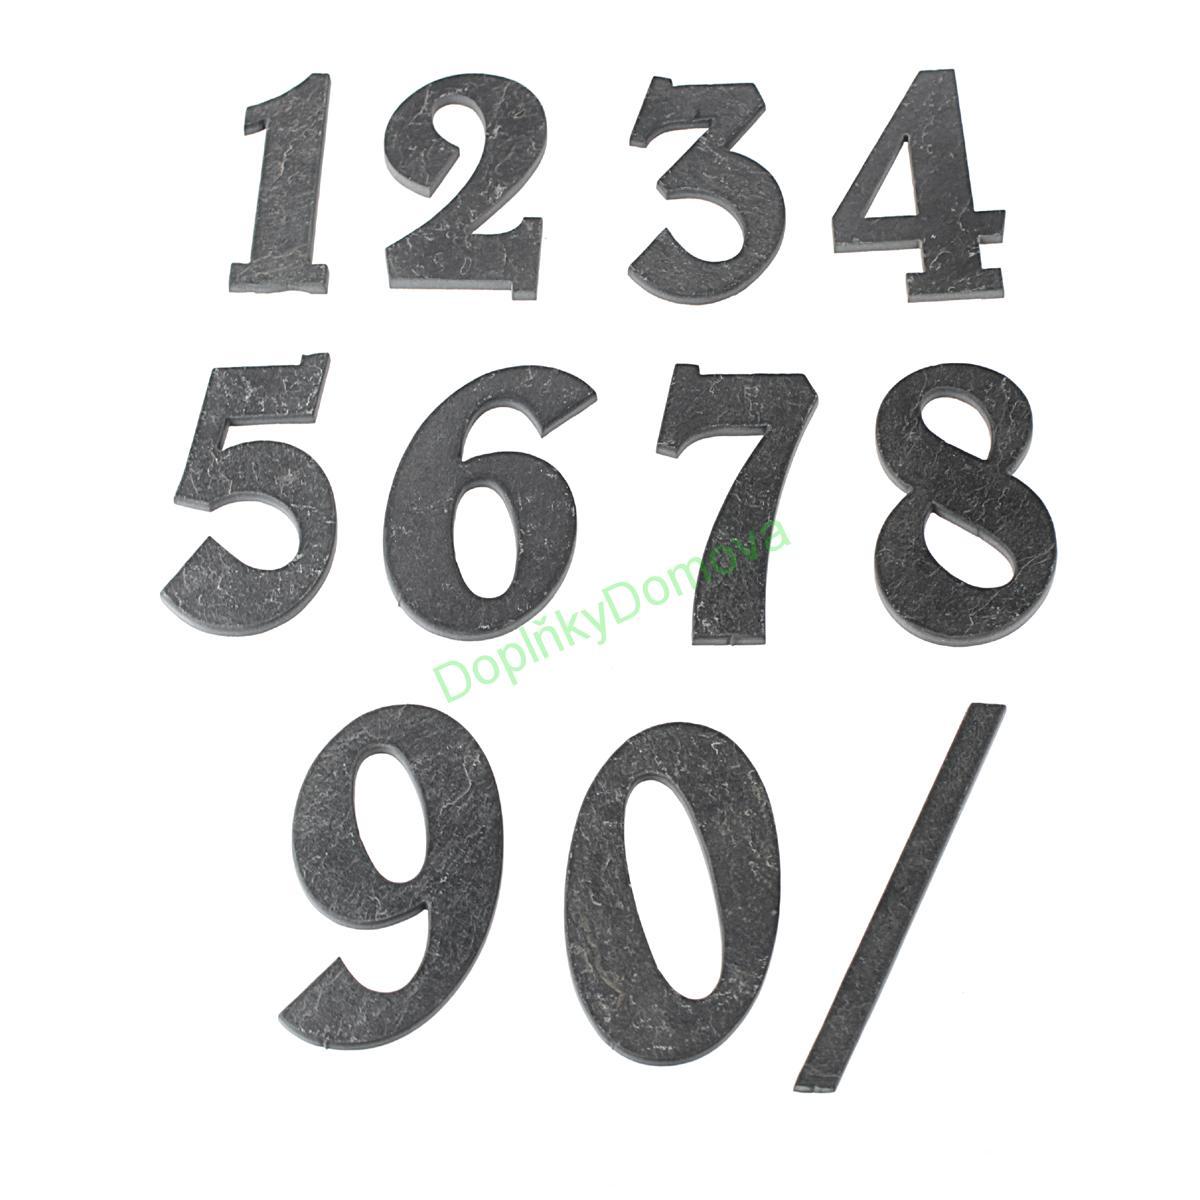 Domovní číslo popisné Břidlice BELWE - č. 9